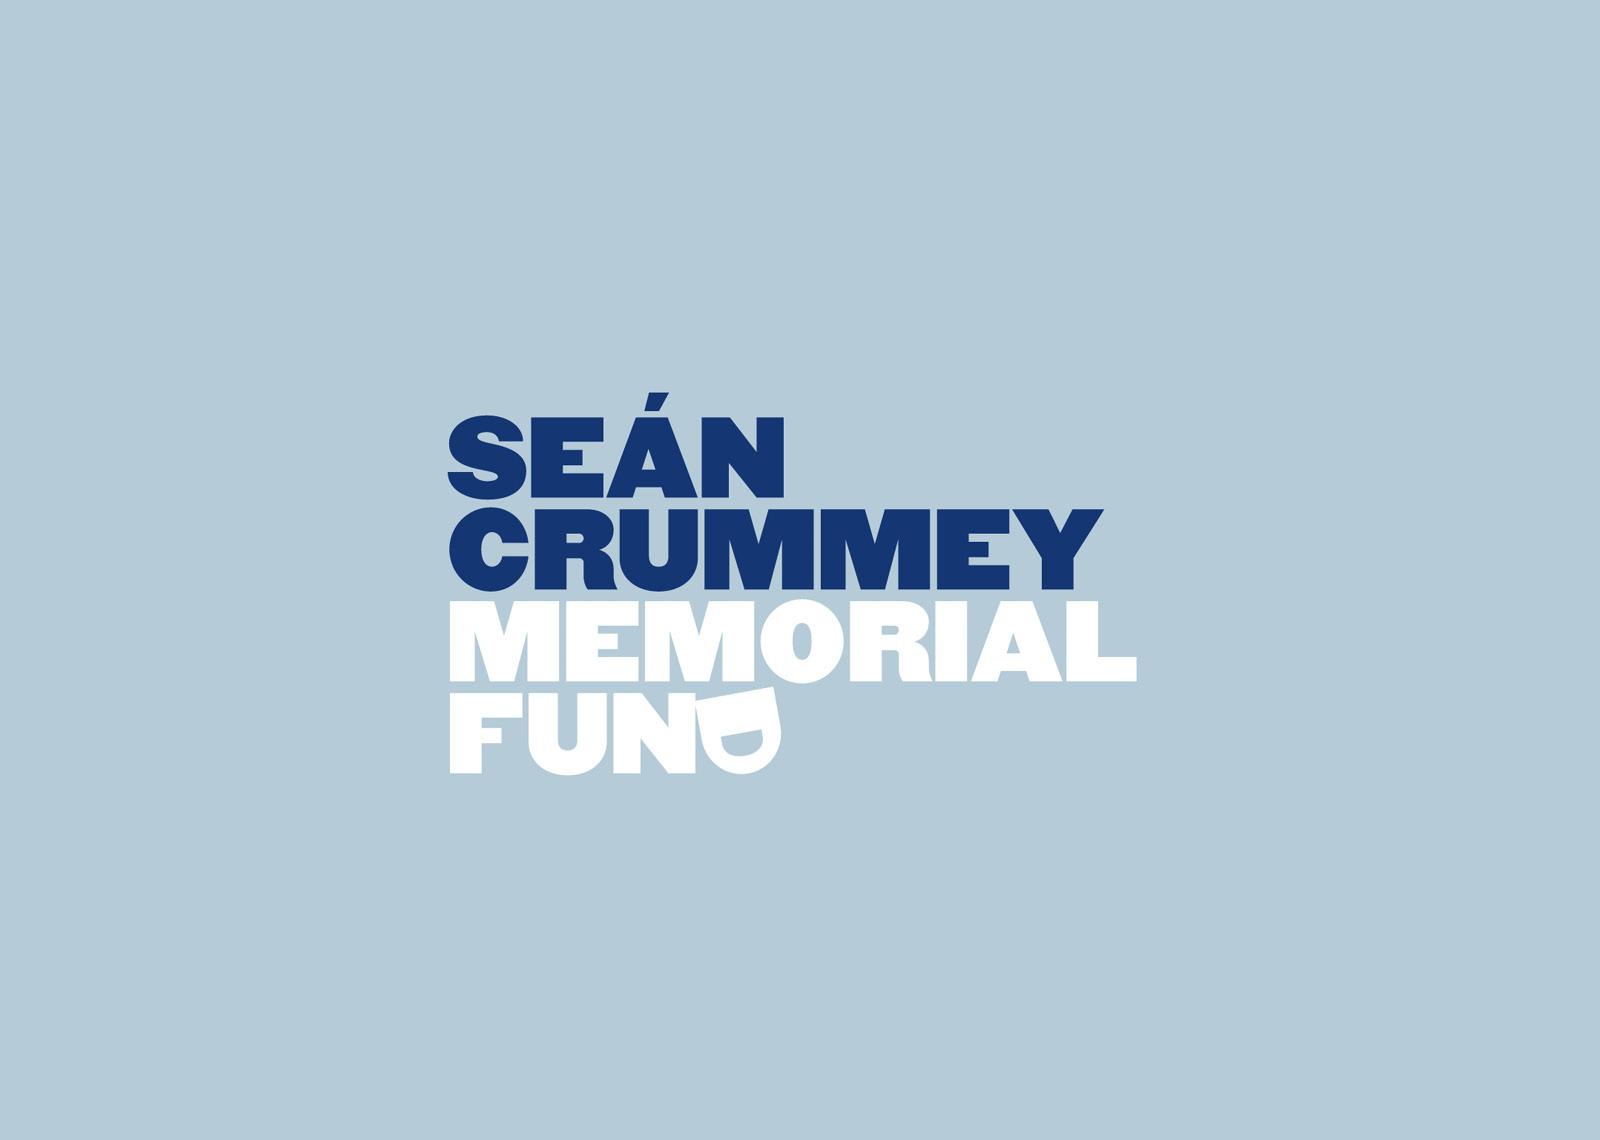 Sean-Crummey-Memorial-Fund-Brand-Design-Sean-Greer-Brand-And-Website-Design-Belfast-01.jpg